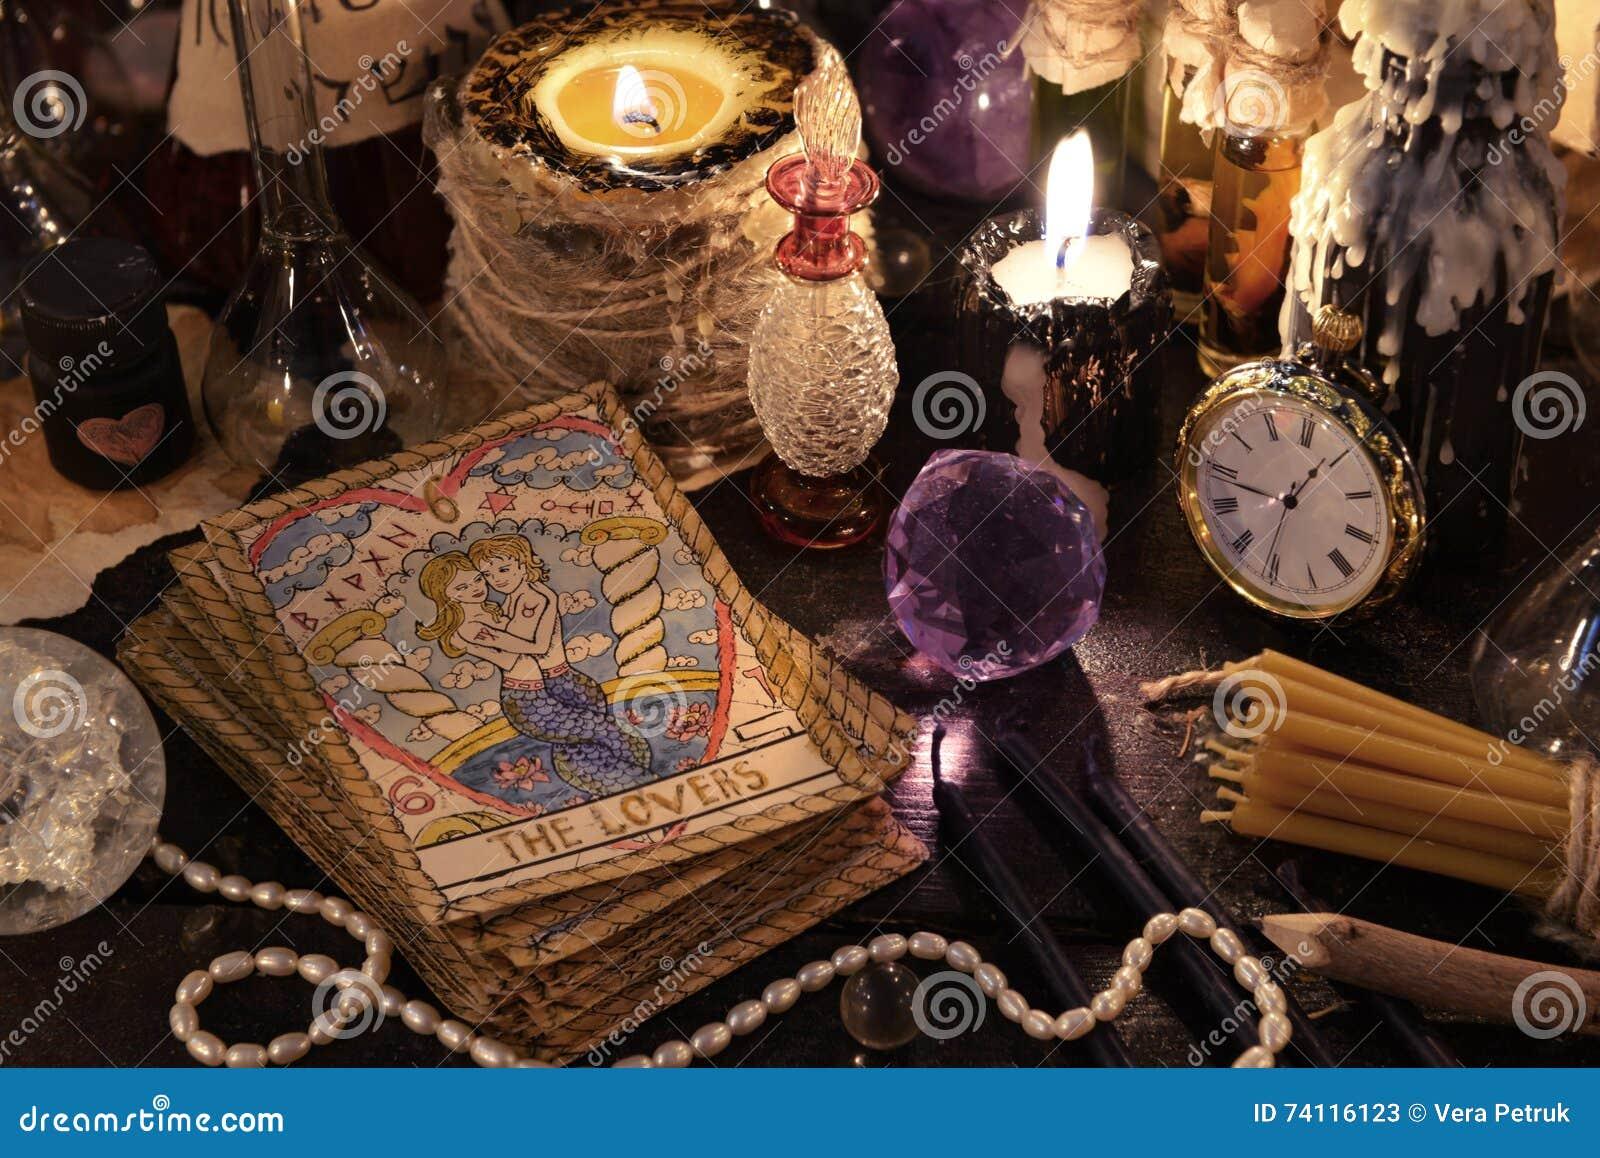 Les cartes de tarot avec le cristal, les bougies et les objets de magie